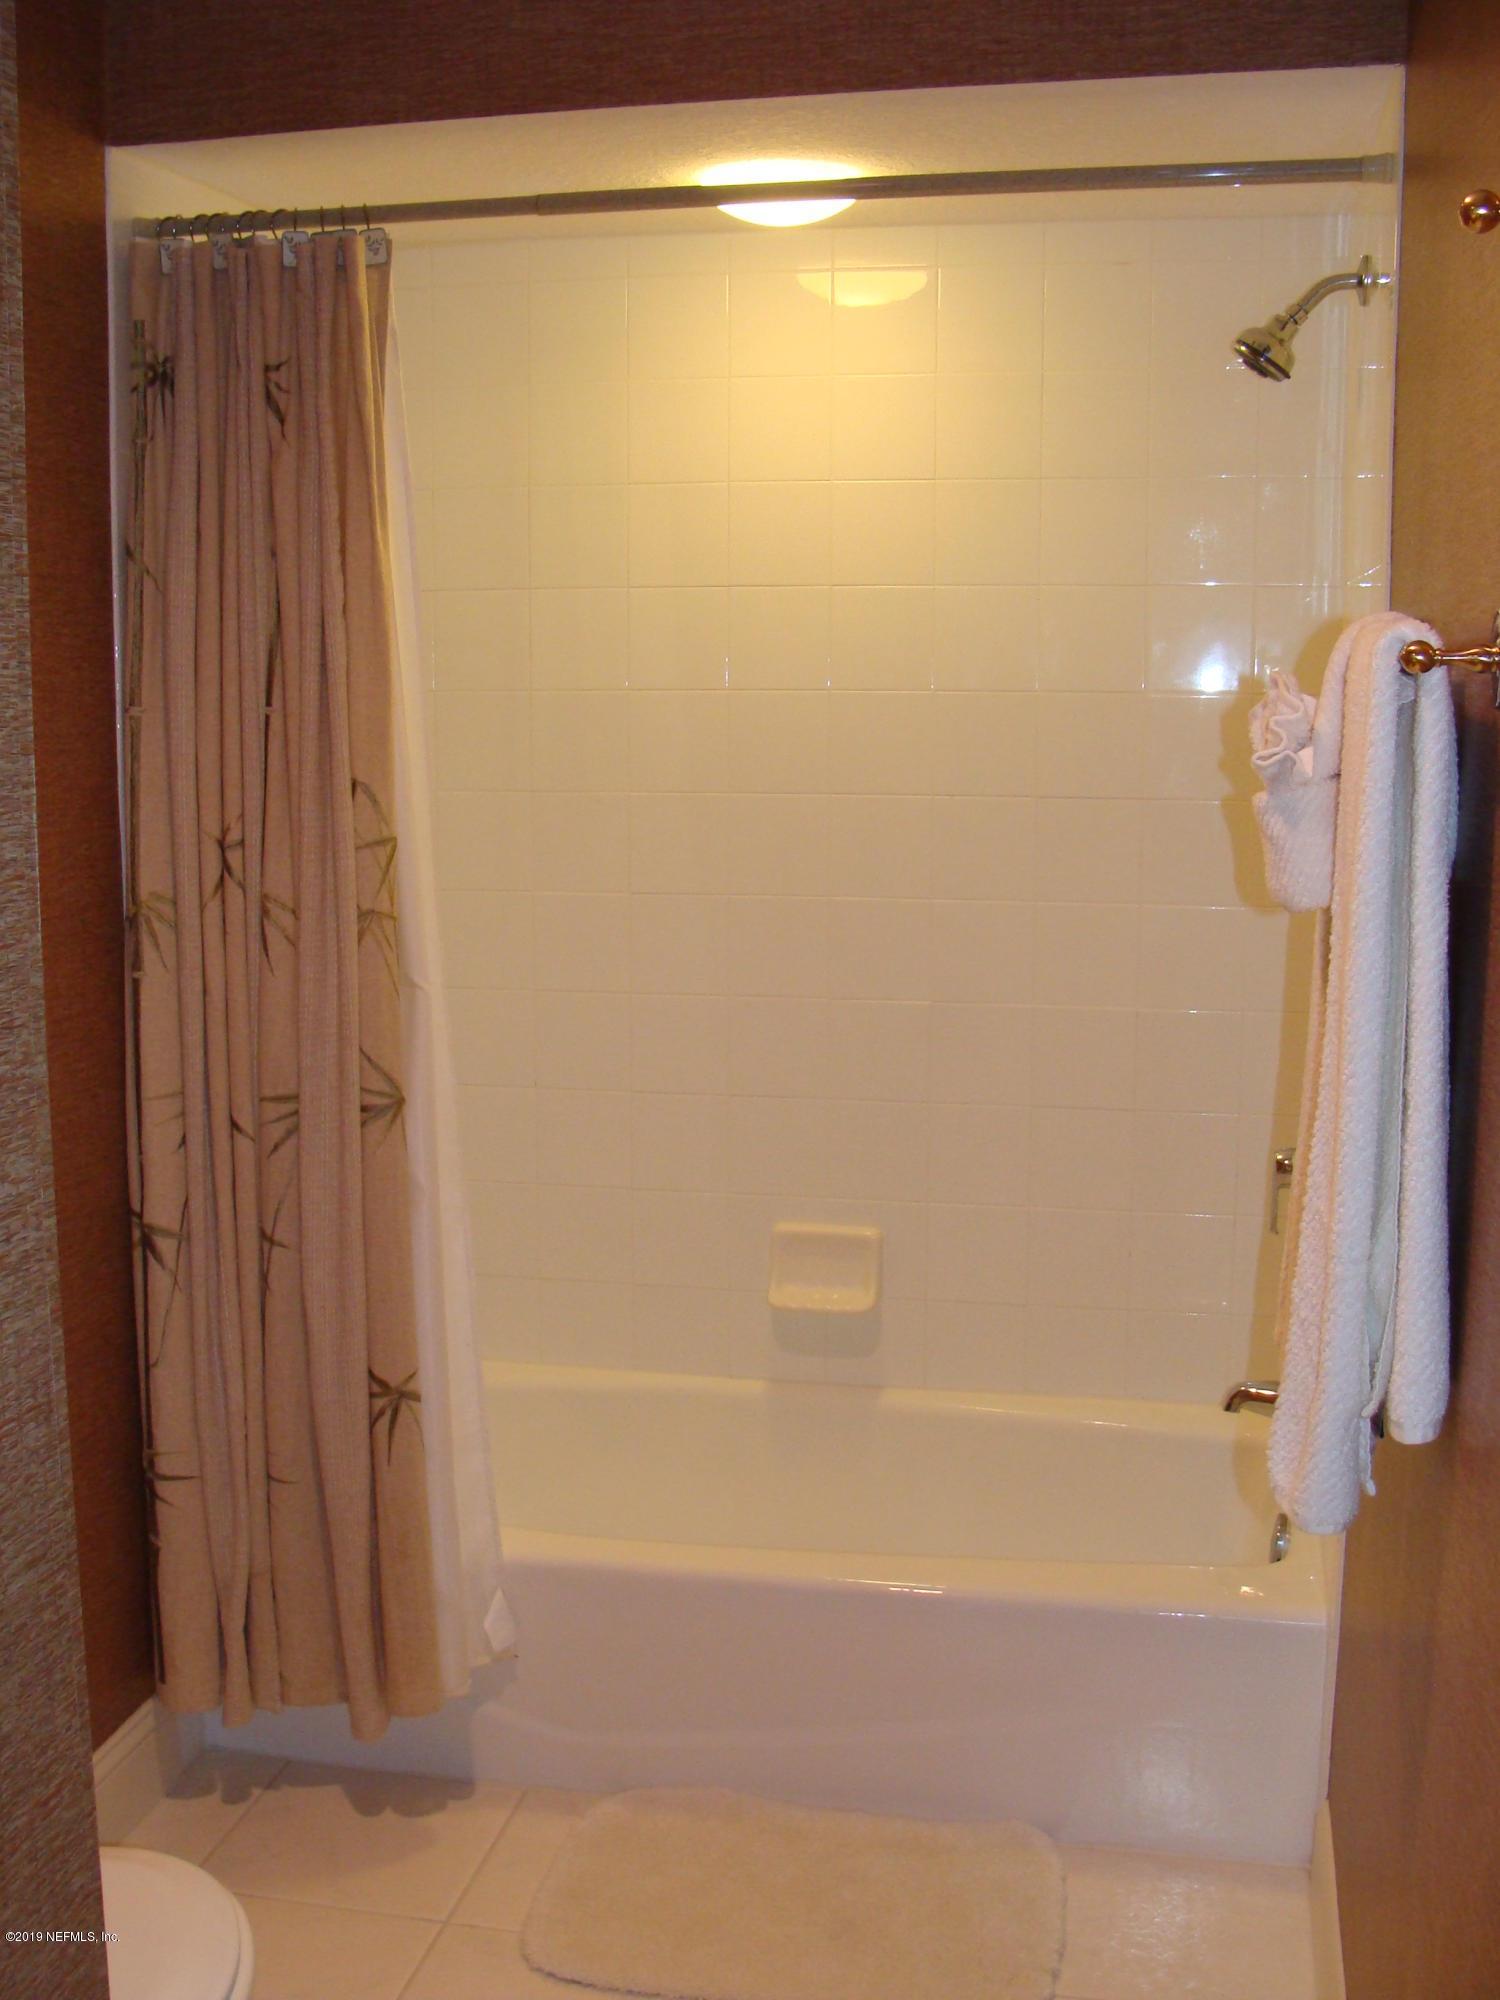 355 SHORE, ST AUGUSTINE, FLORIDA 32092, 3 Bedrooms Bedrooms, ,3 BathroomsBathrooms,Condo,For sale,SHORE,1019699